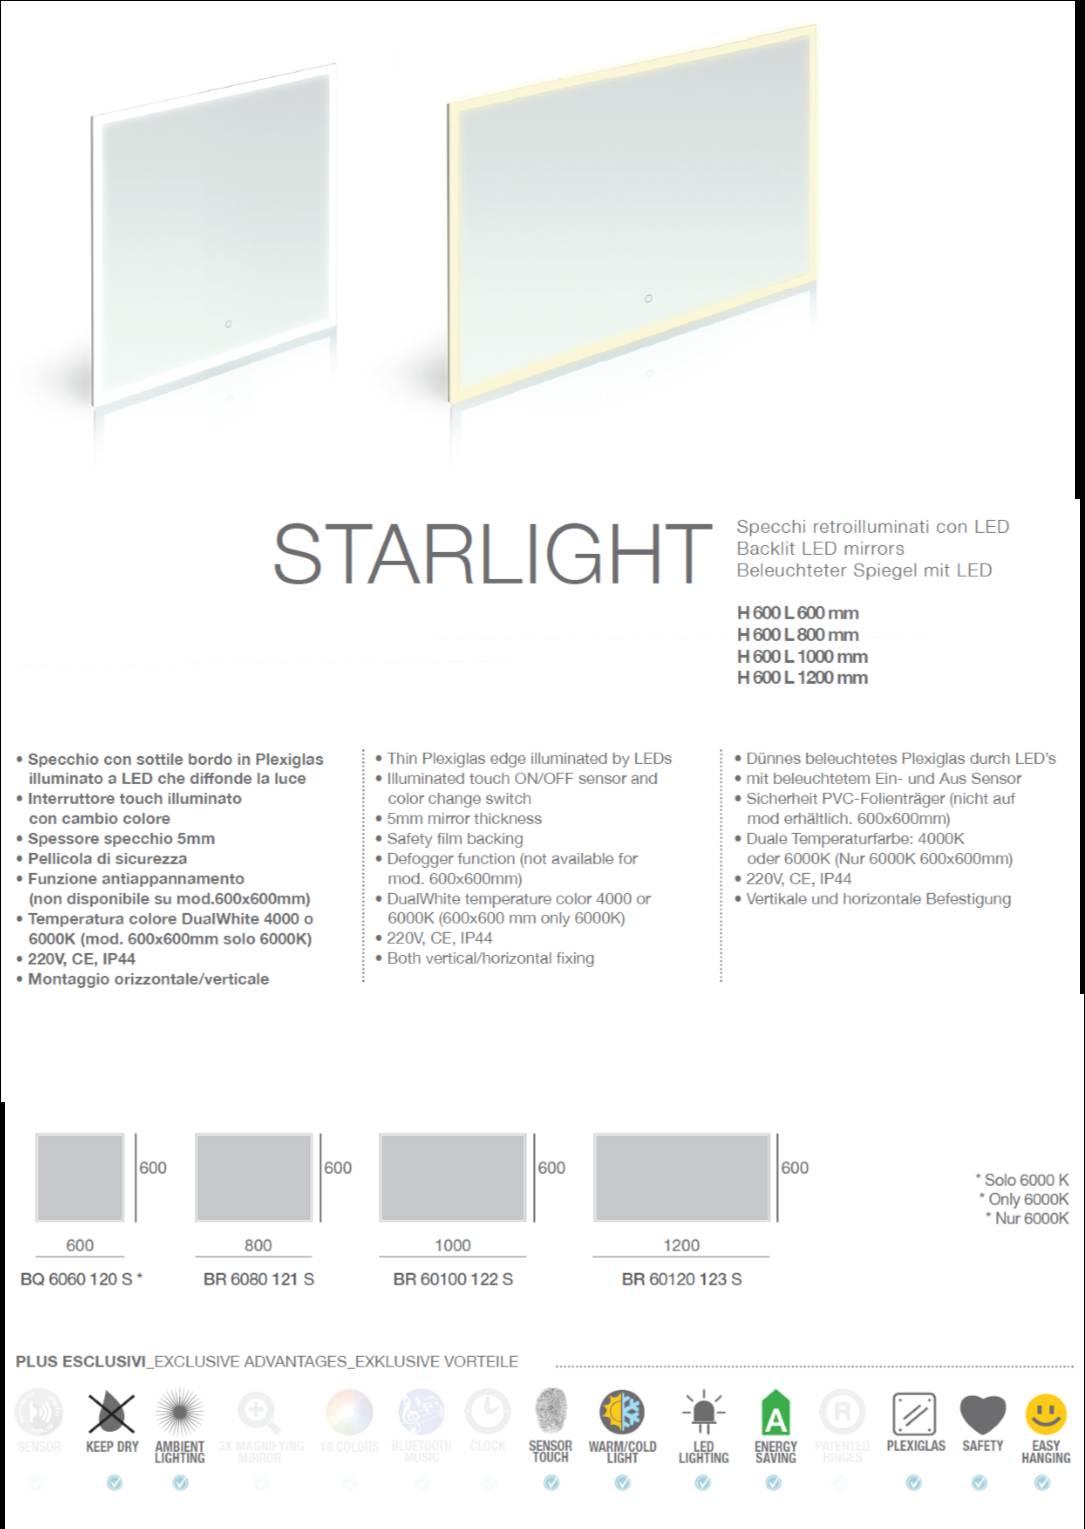 scheda_tecnica_specchio_bagno_starlight_vanita_e_casa_illuminzione_perimetrale_led